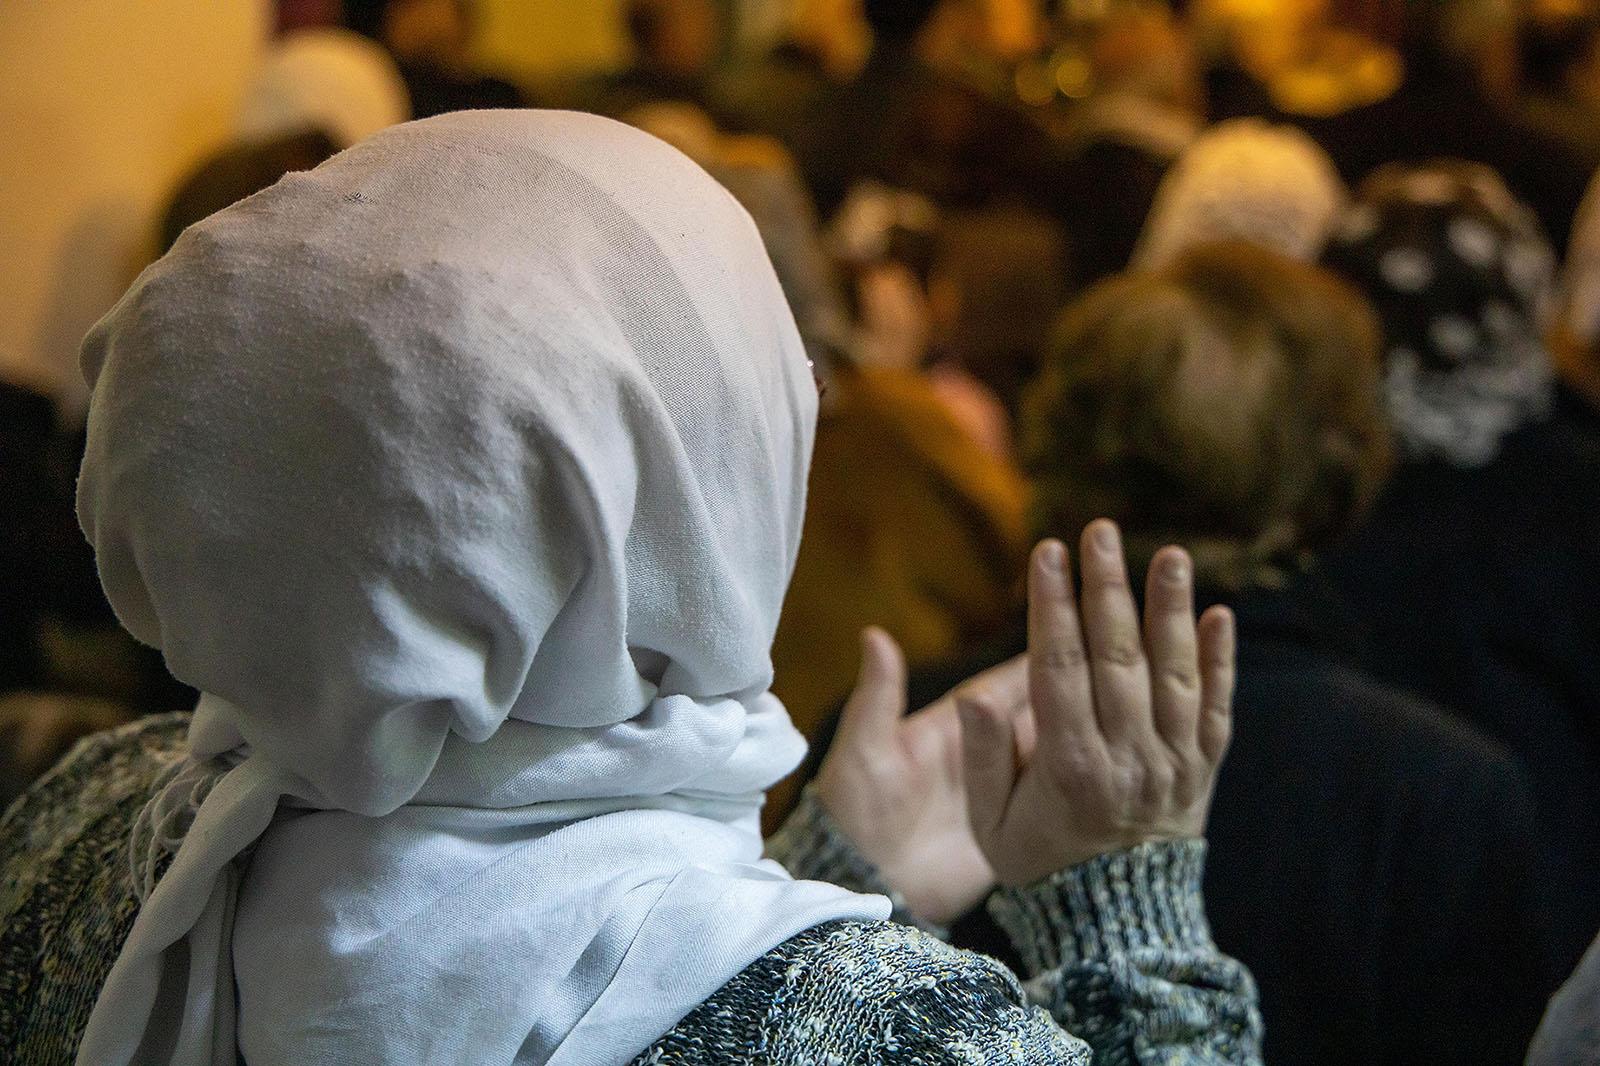 Syyrialainen muslimitaustainen kristitty kasvot poispain kamerasta